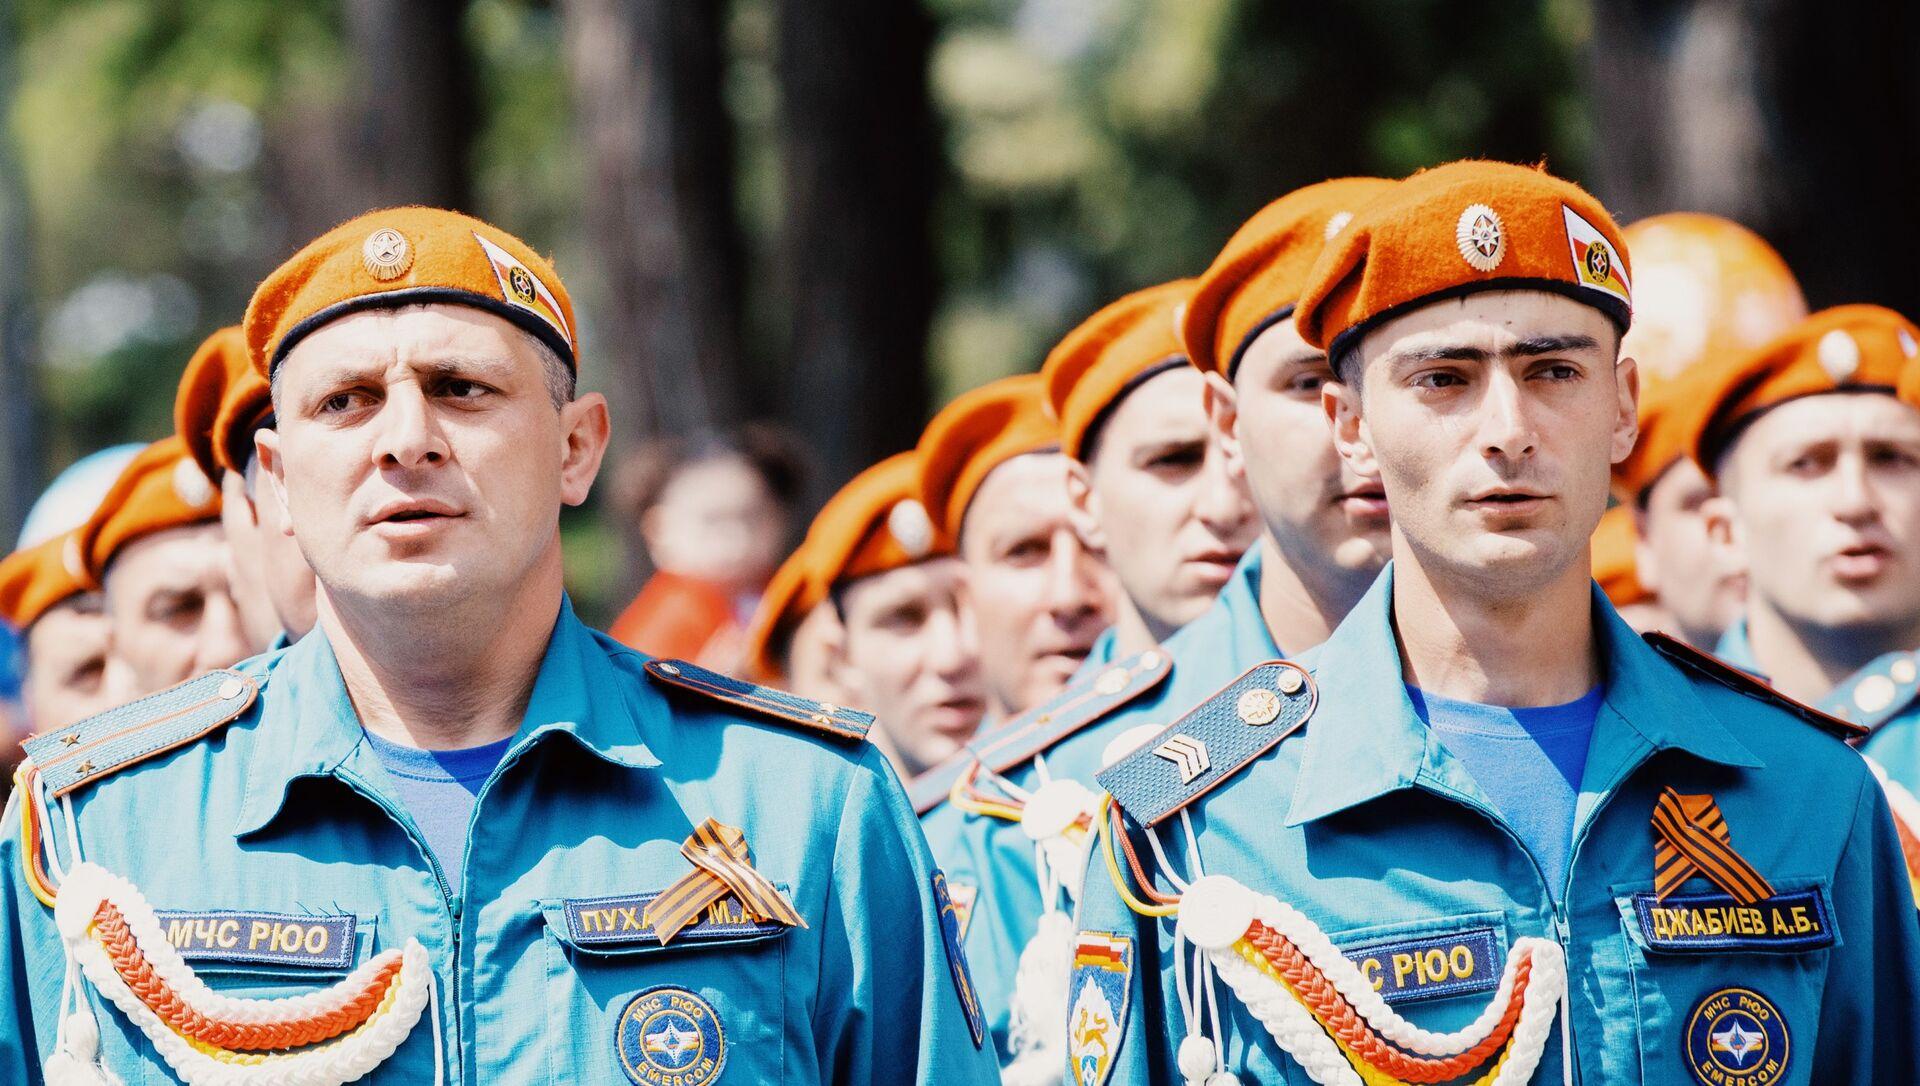 Цхинвал: День Победы - Sputnik Южная Осетия, 1920, 04.10.2021